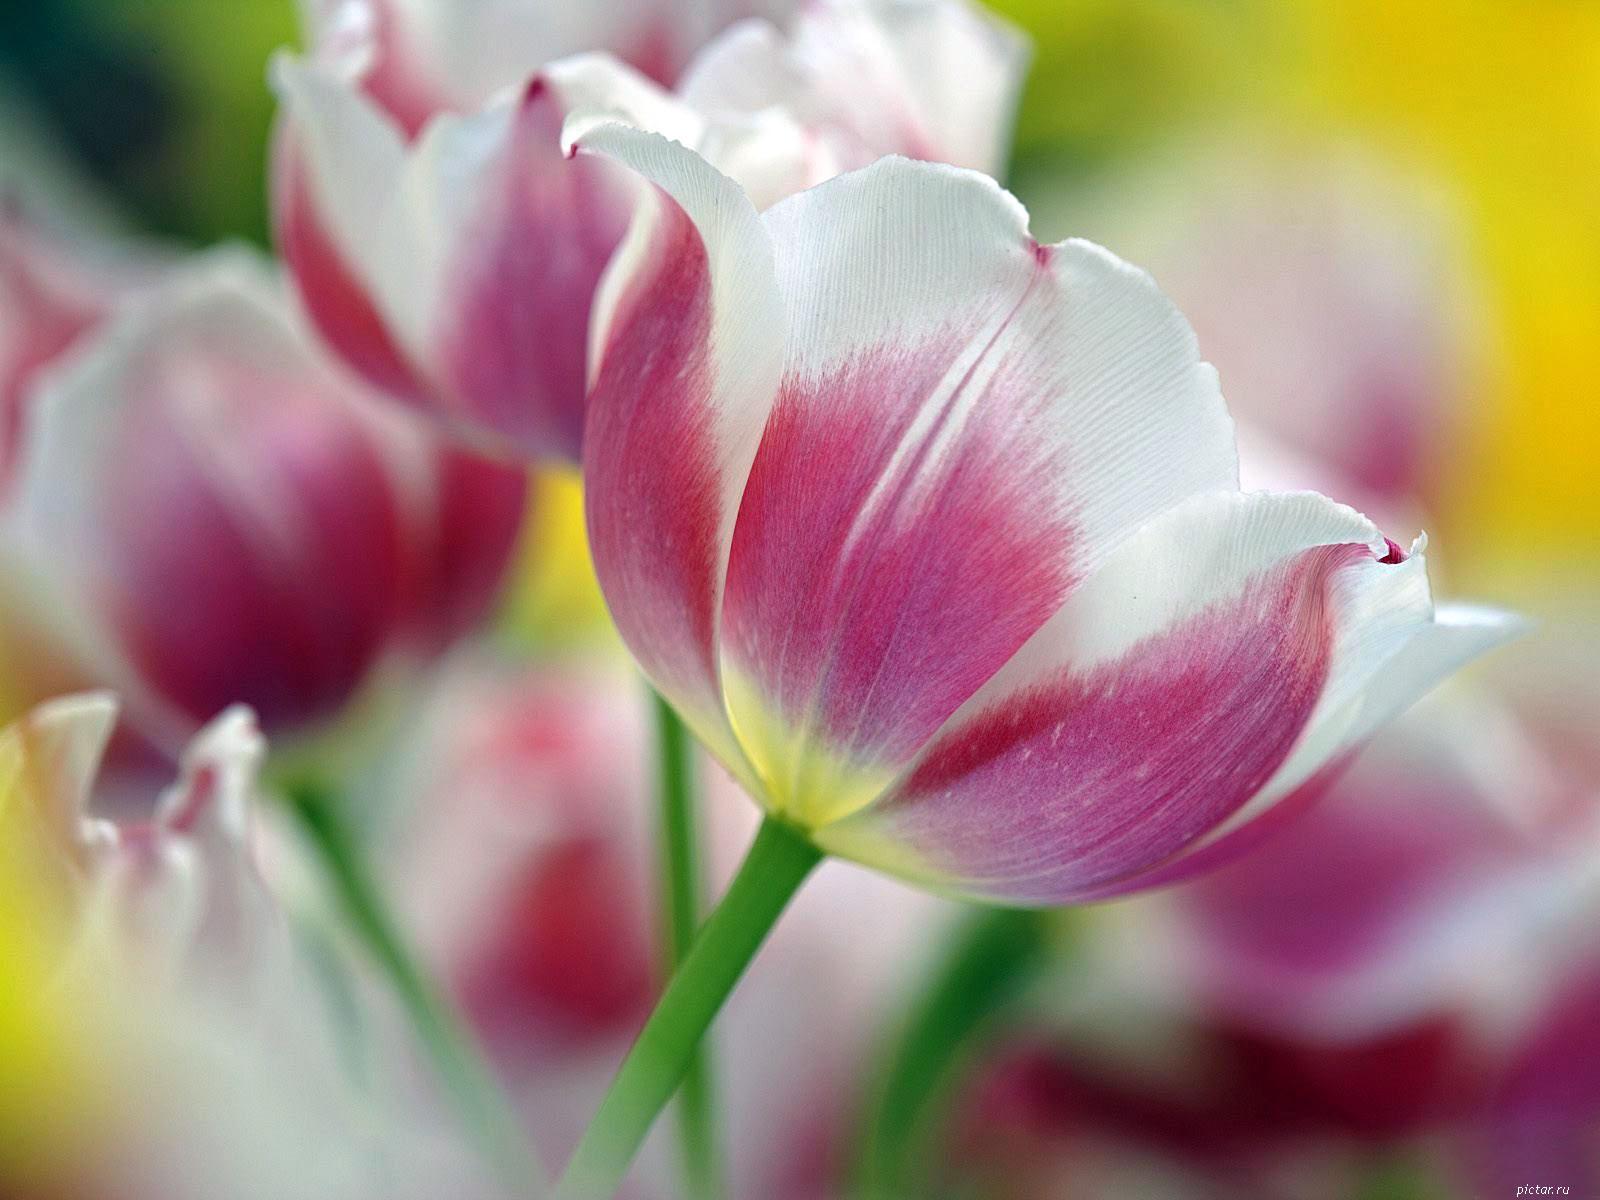 Бесплатные картинки на рабочий стол только тюльпаны 8